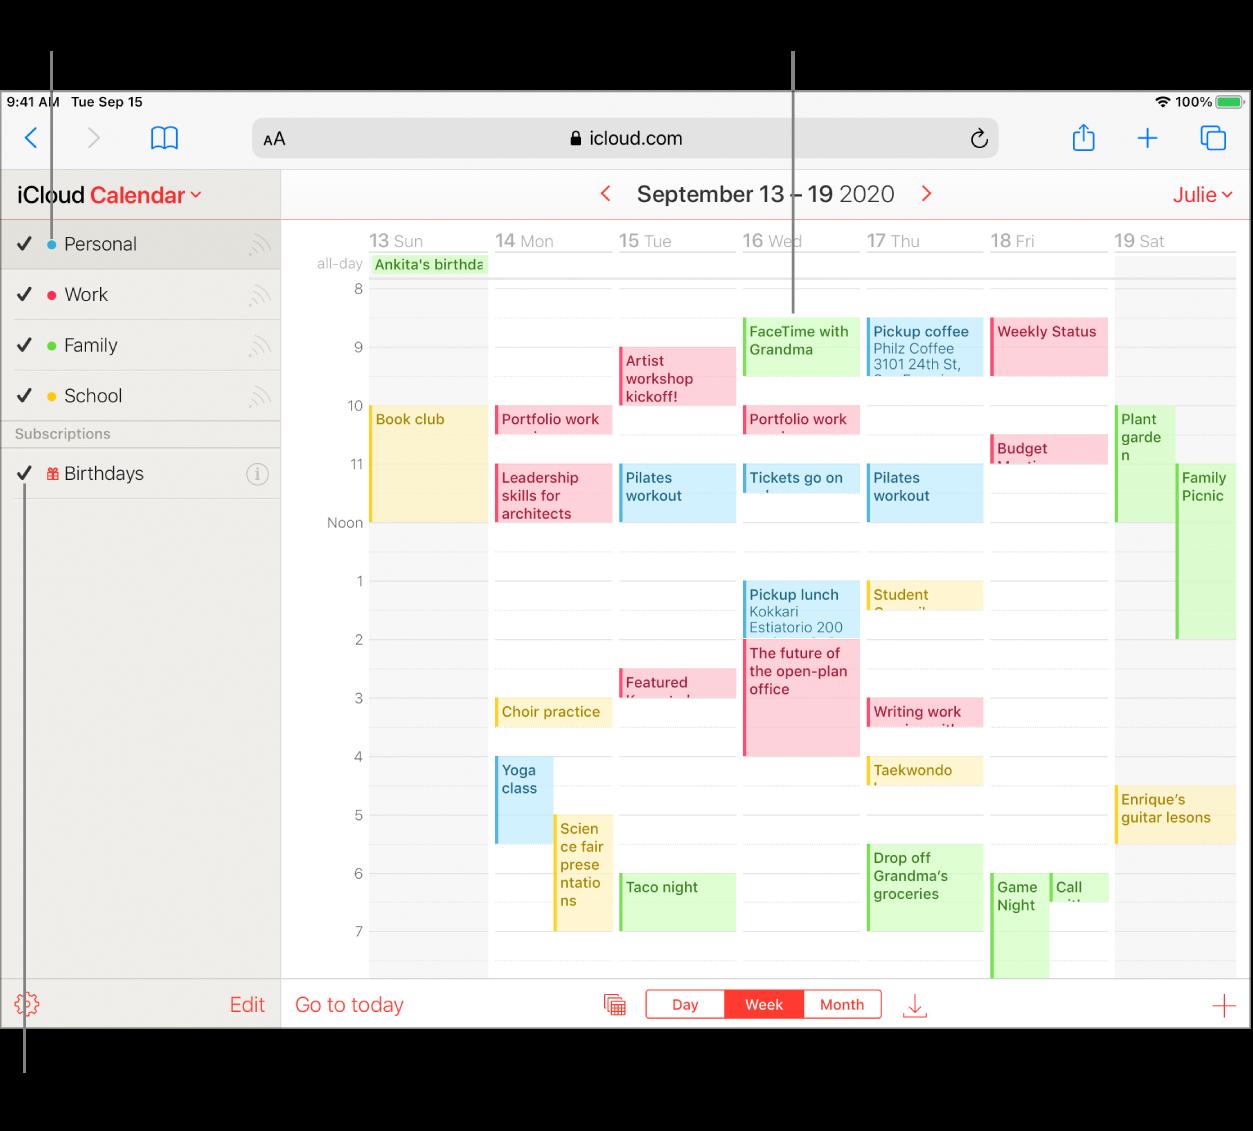 Het venster 'iCloudAgenda' waarin verschillende agenda's worden weergegeven. Wijs een verschillende kleur aan elke agenda toe. De kleur van een activiteit geeft aan tot welke agenda deze behoort. Als je een agenda wilt weergeven of verbergen, schakel je het aankruisvak in of uit.